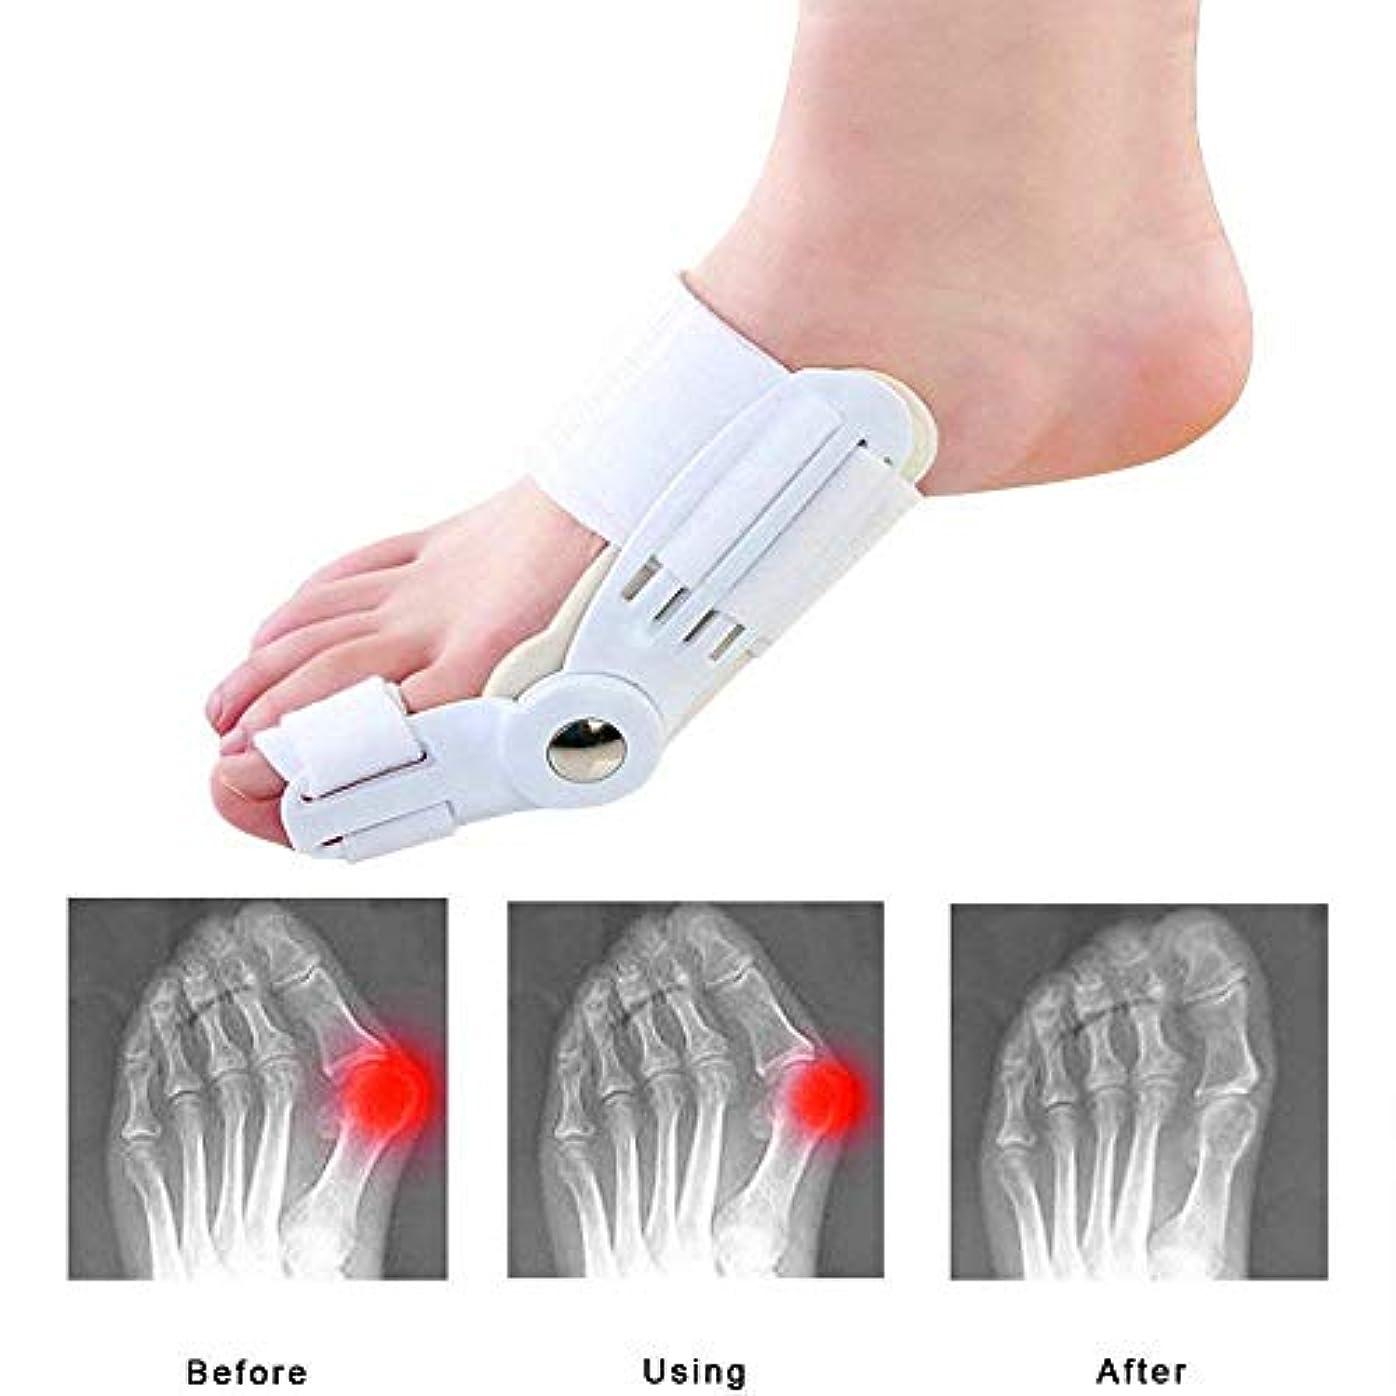 タイル滅びるバイソンつま先のセパレーターと矯正、外反母A援助スプリント、痛みを軽減する腱膜瘤補正、ウォーキングトゥアライナー2 PCSを毎日使用